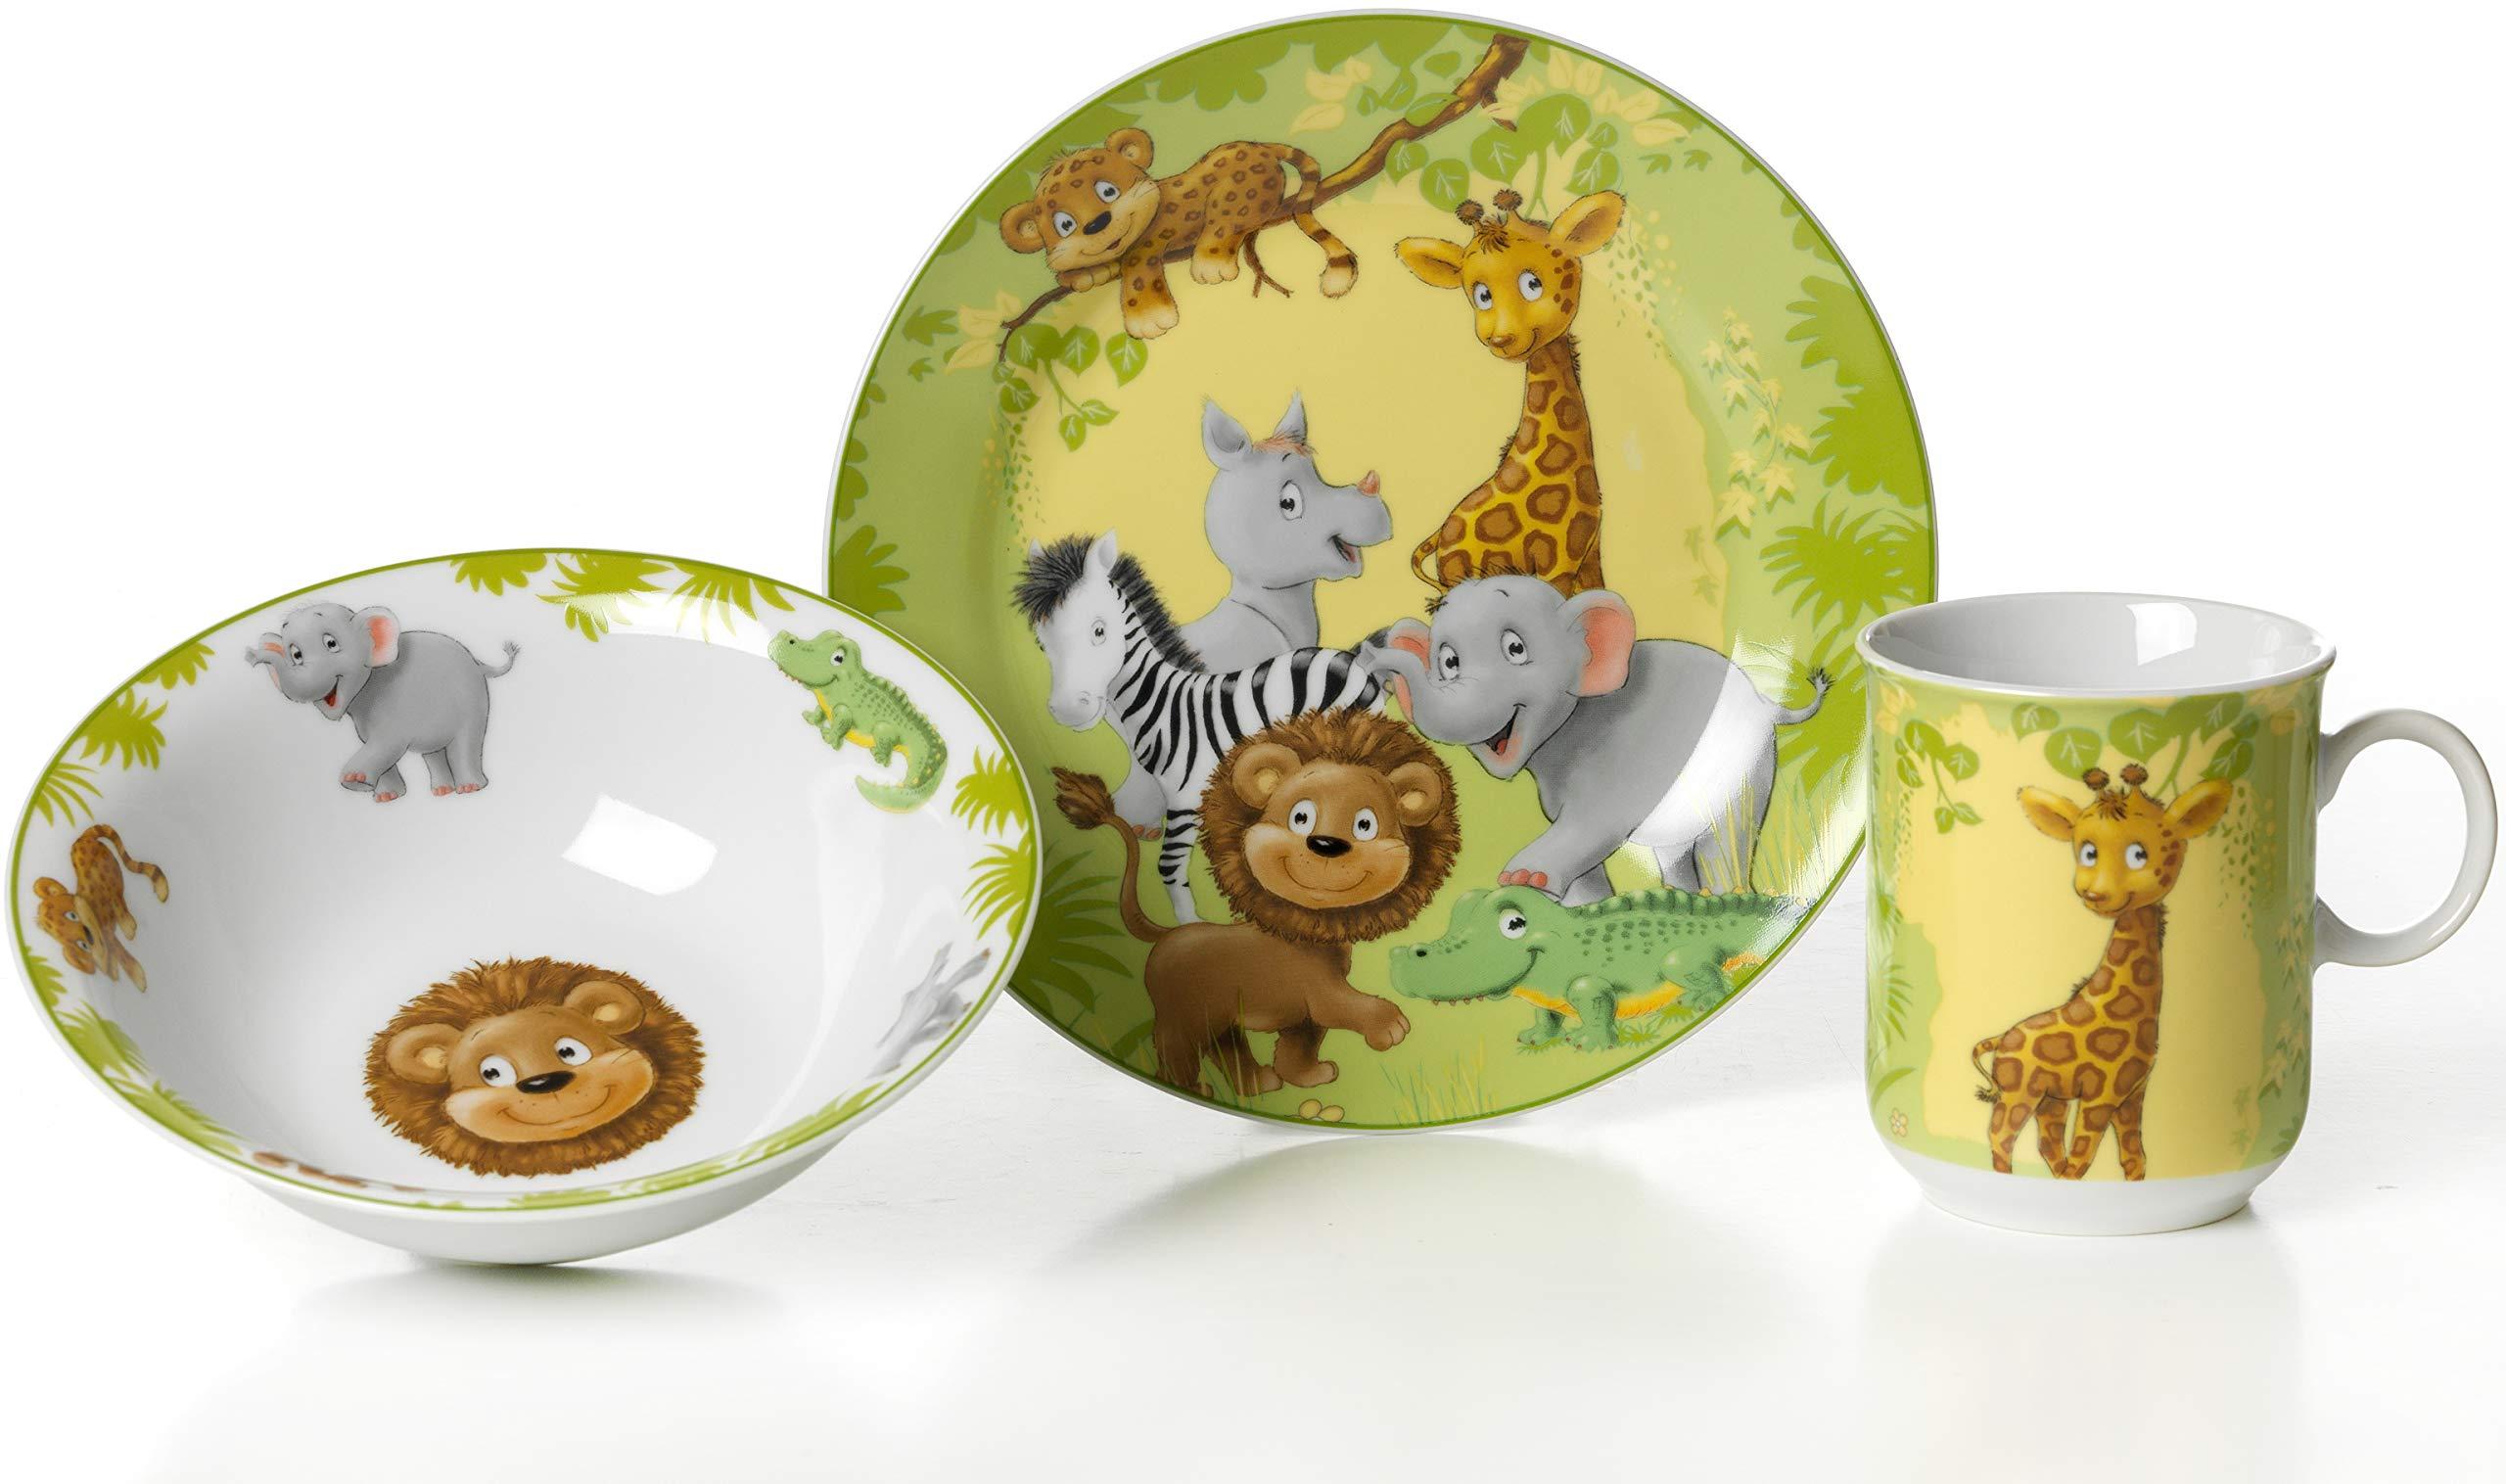 Ritzenhoff & Breker 006940 - Servicio de Mesa Infantil (3 Piezas: Plato, Cuenco y Taza), diseño de Animales de la Jungla: Amazon.es: Hogar